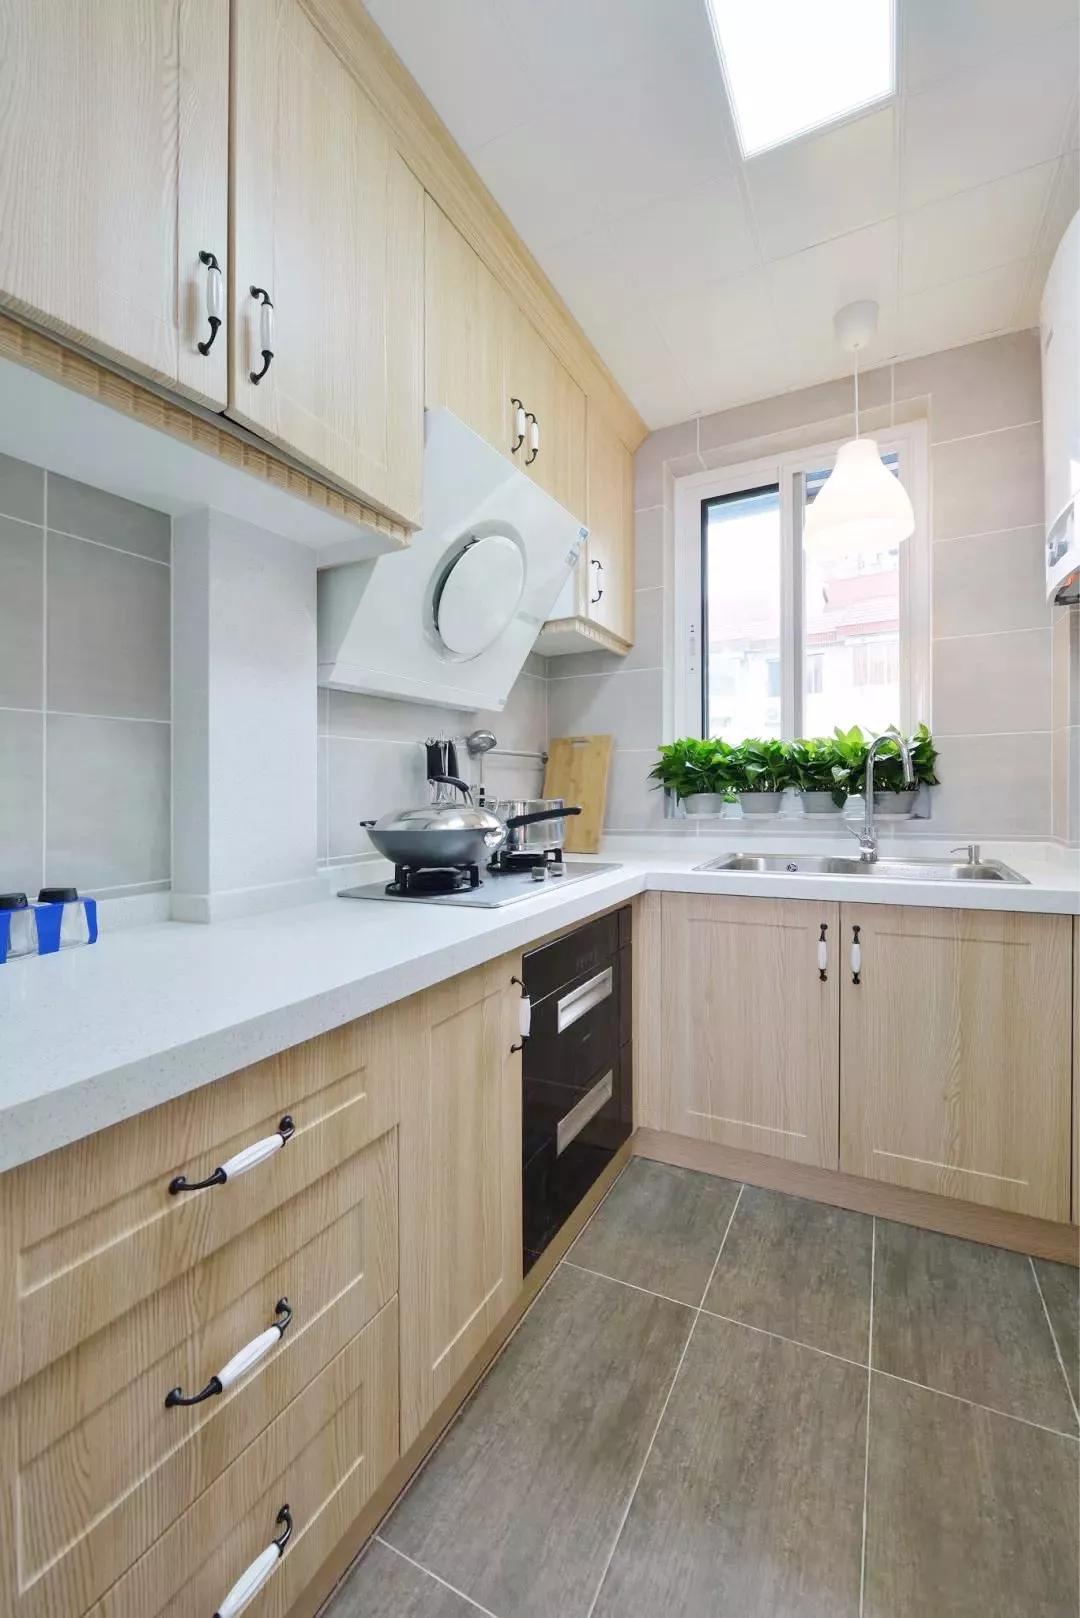 厨房同样采用了原木色橱柜,光线透过窗直射室内,整个空间明亮干净。